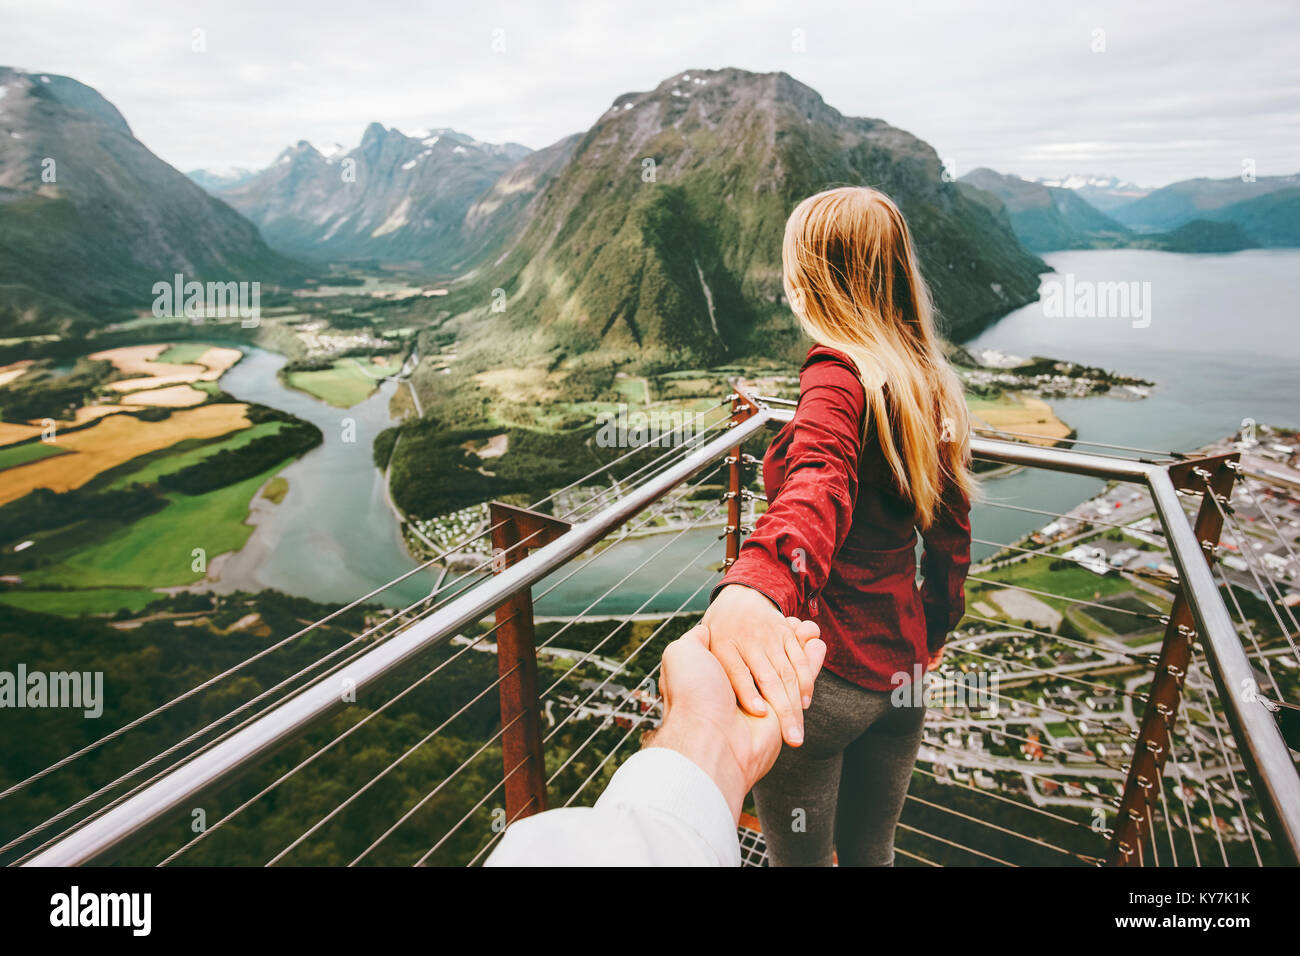 Casal homem e mulher seguem de mãos dadas na Noruega montanhas Amor e viaje feliz emoções conceito Imagens de Stock